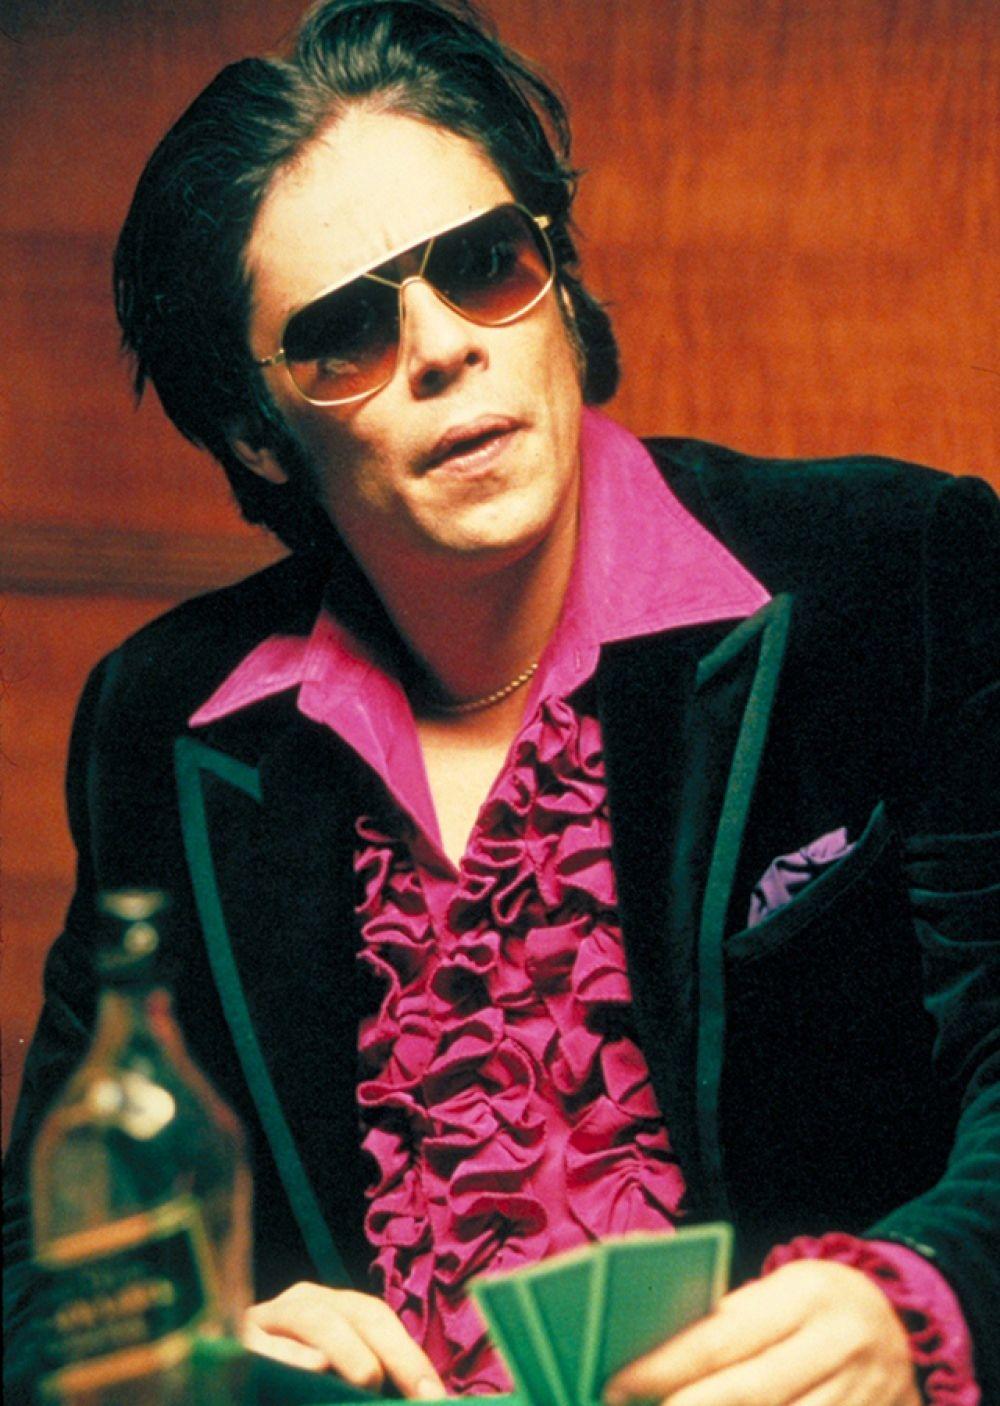 В знаменитой гангстерской комедии Гая Ричи «Большой куш» Бенисио исполнил роль грабителя, у которого зависимость от азартных игр — Фрэнки Четыре Пальца.